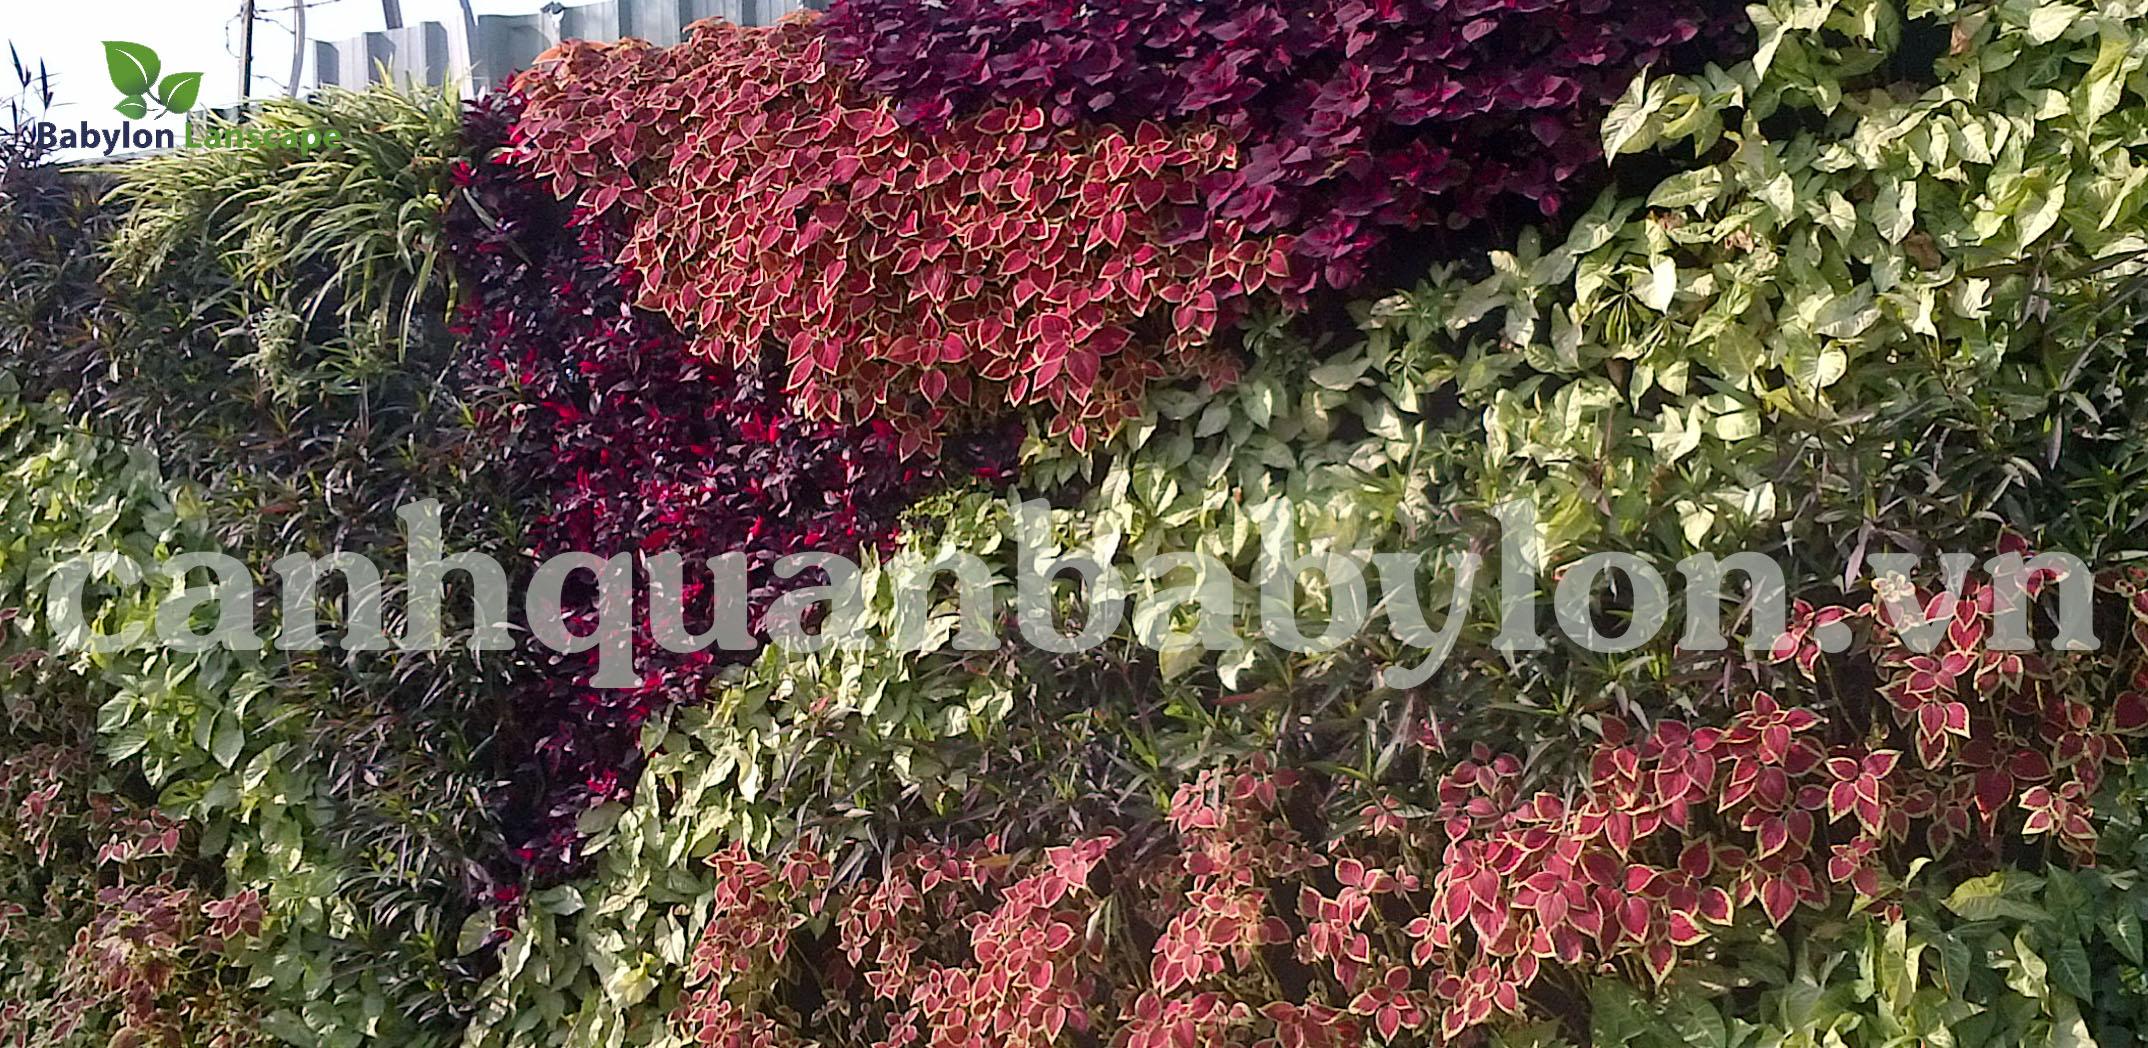 Những đường nét của tía tô cảnh đa sắc màu trong một dự án vườn thẳng đứng tại biệt thự nhà vườn Hà Đông - Hà Nội